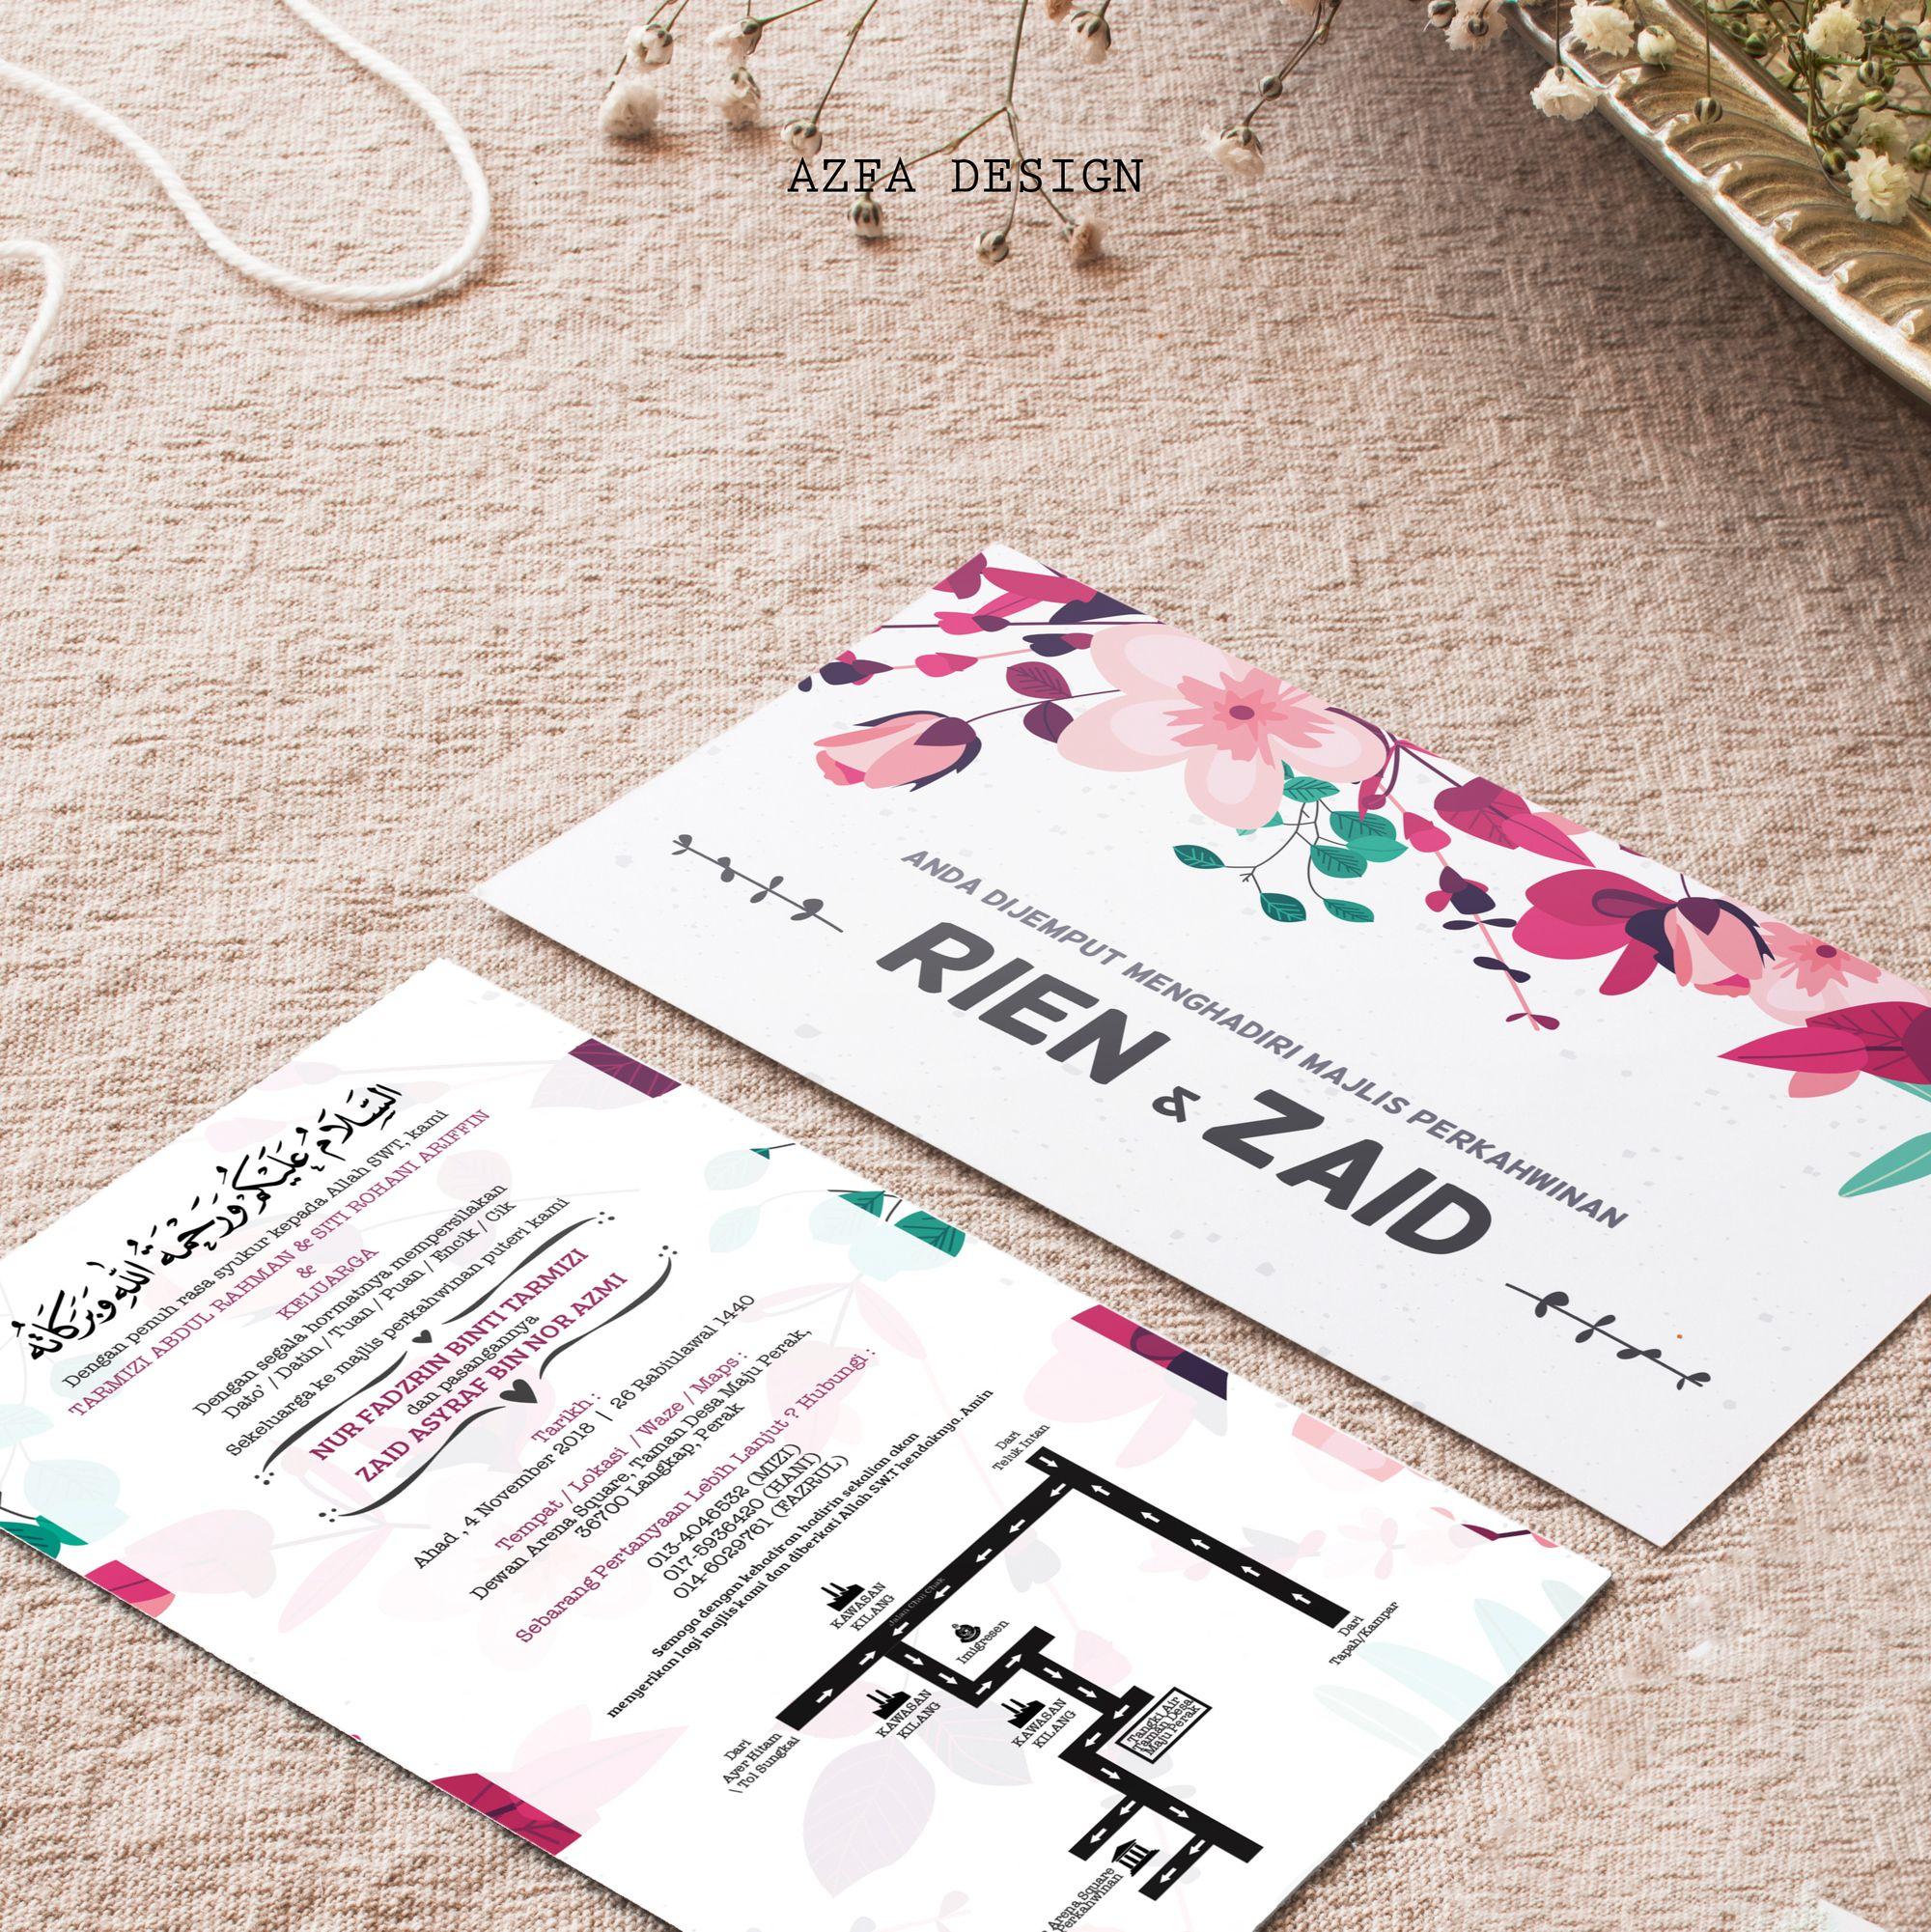 Azfadesign Kadkahwin Edarkan Kad Kahwin Anda Untuk Memeriahkan Majlis Zaman It Ni Semua Nak Pakai Phone Kadang N Invitation Cards Cards Invitations